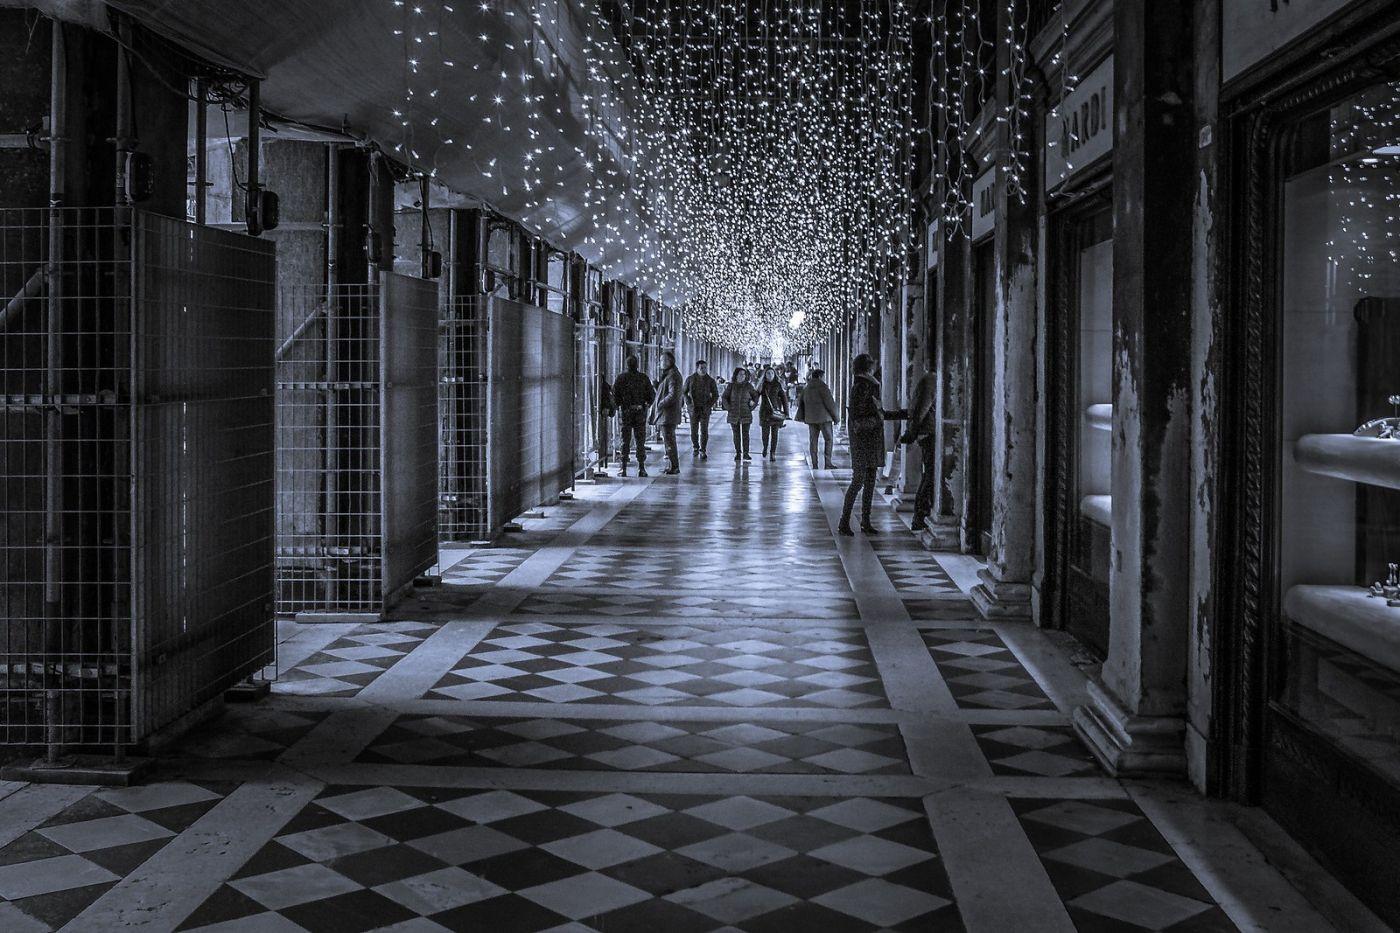 威尼斯圣马可广场(St Mark's Square), 独一无二_图1-6